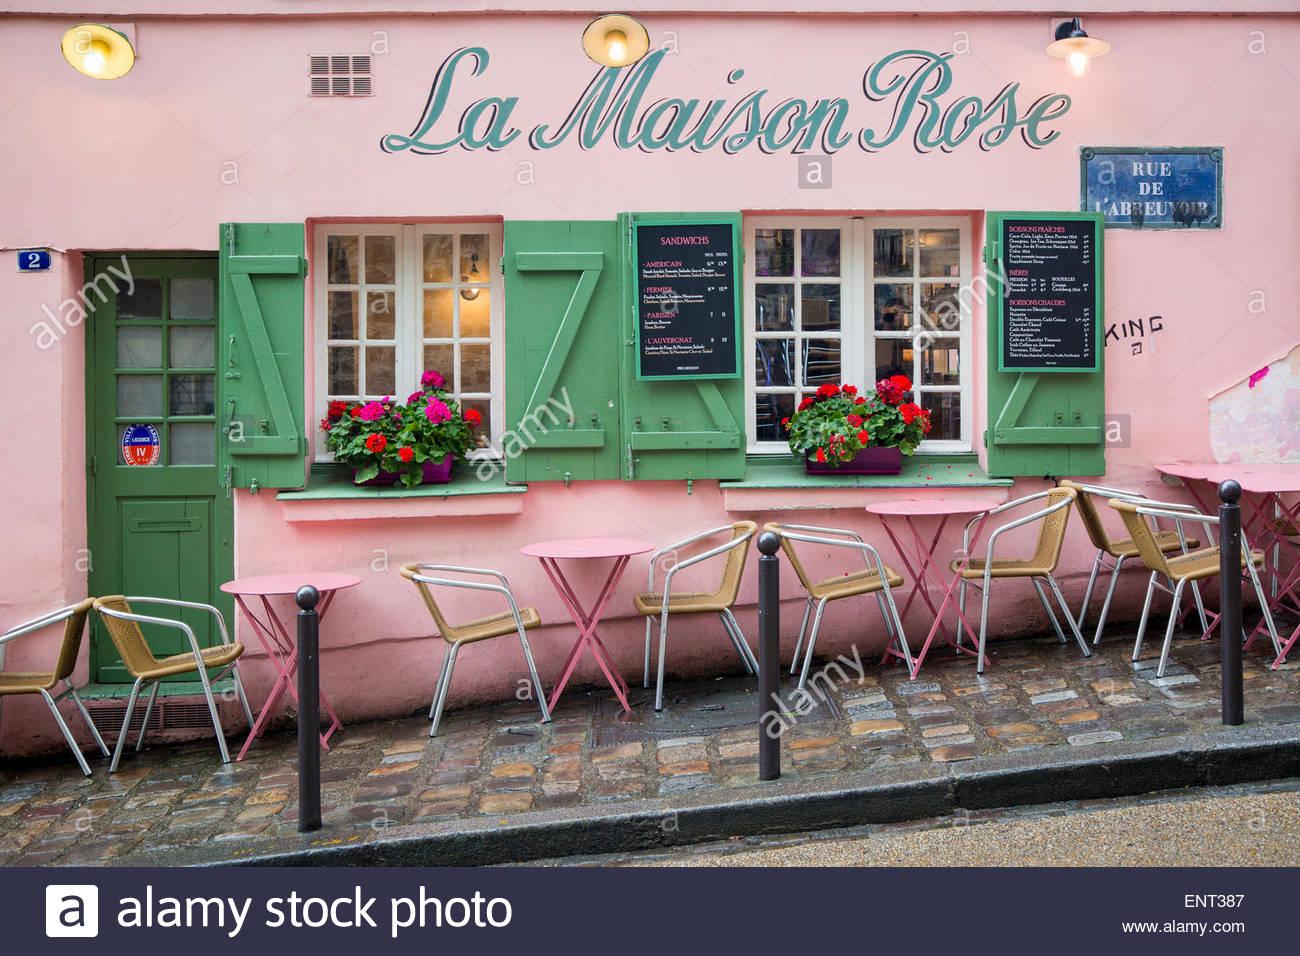 La maison rose restaurant stock photos